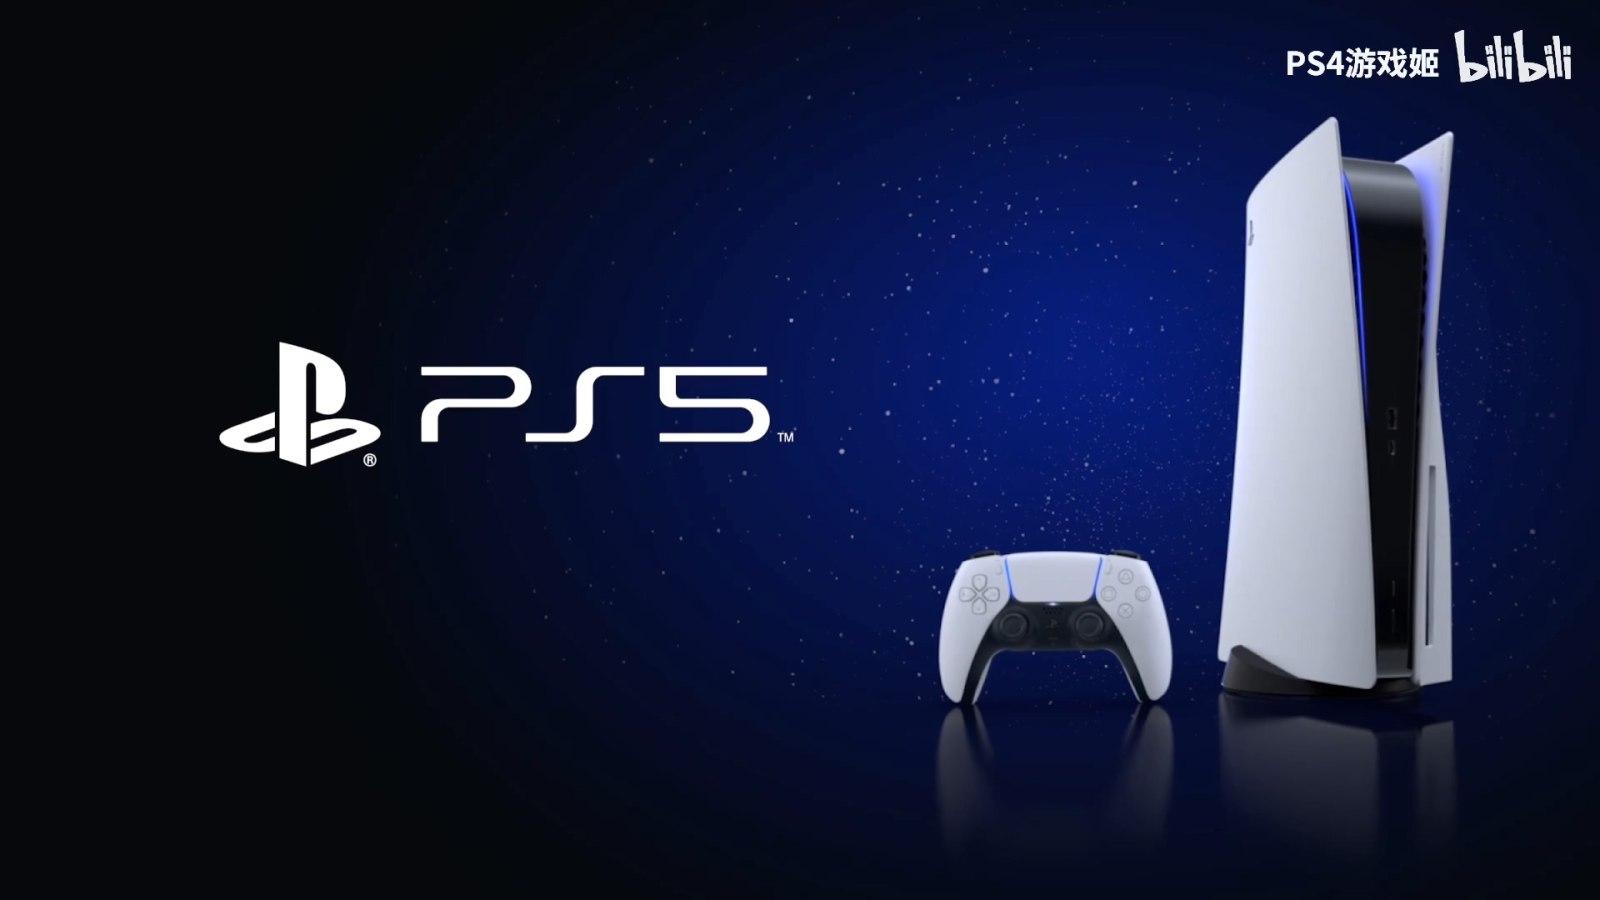 【突破极限】索尼公布 PS5 全新预告片